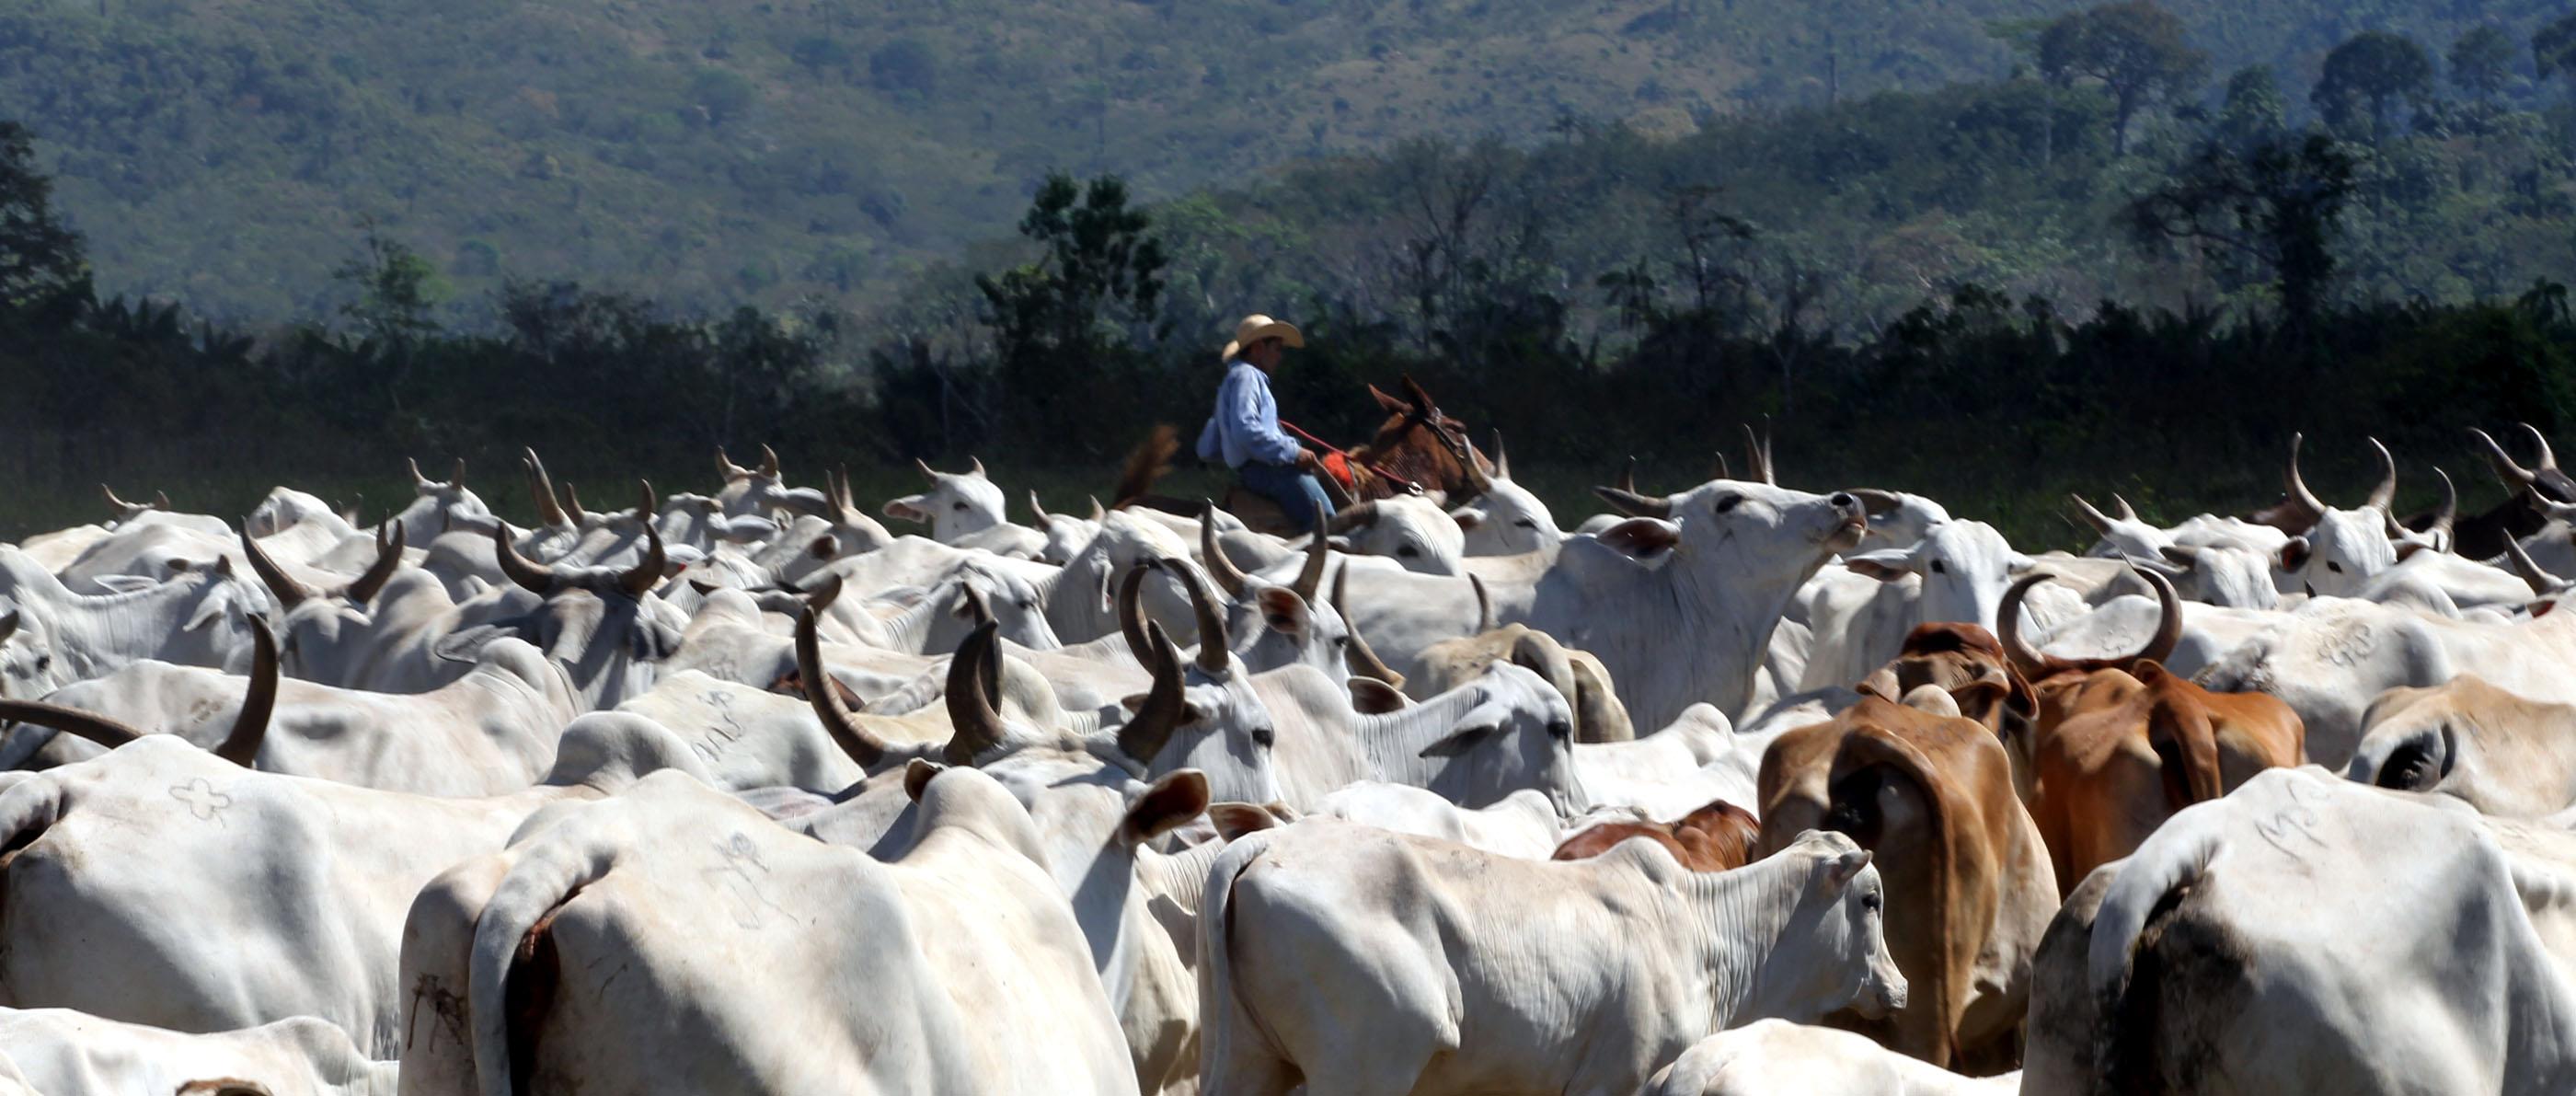 Gado em São Félix do Xingu, no Pará